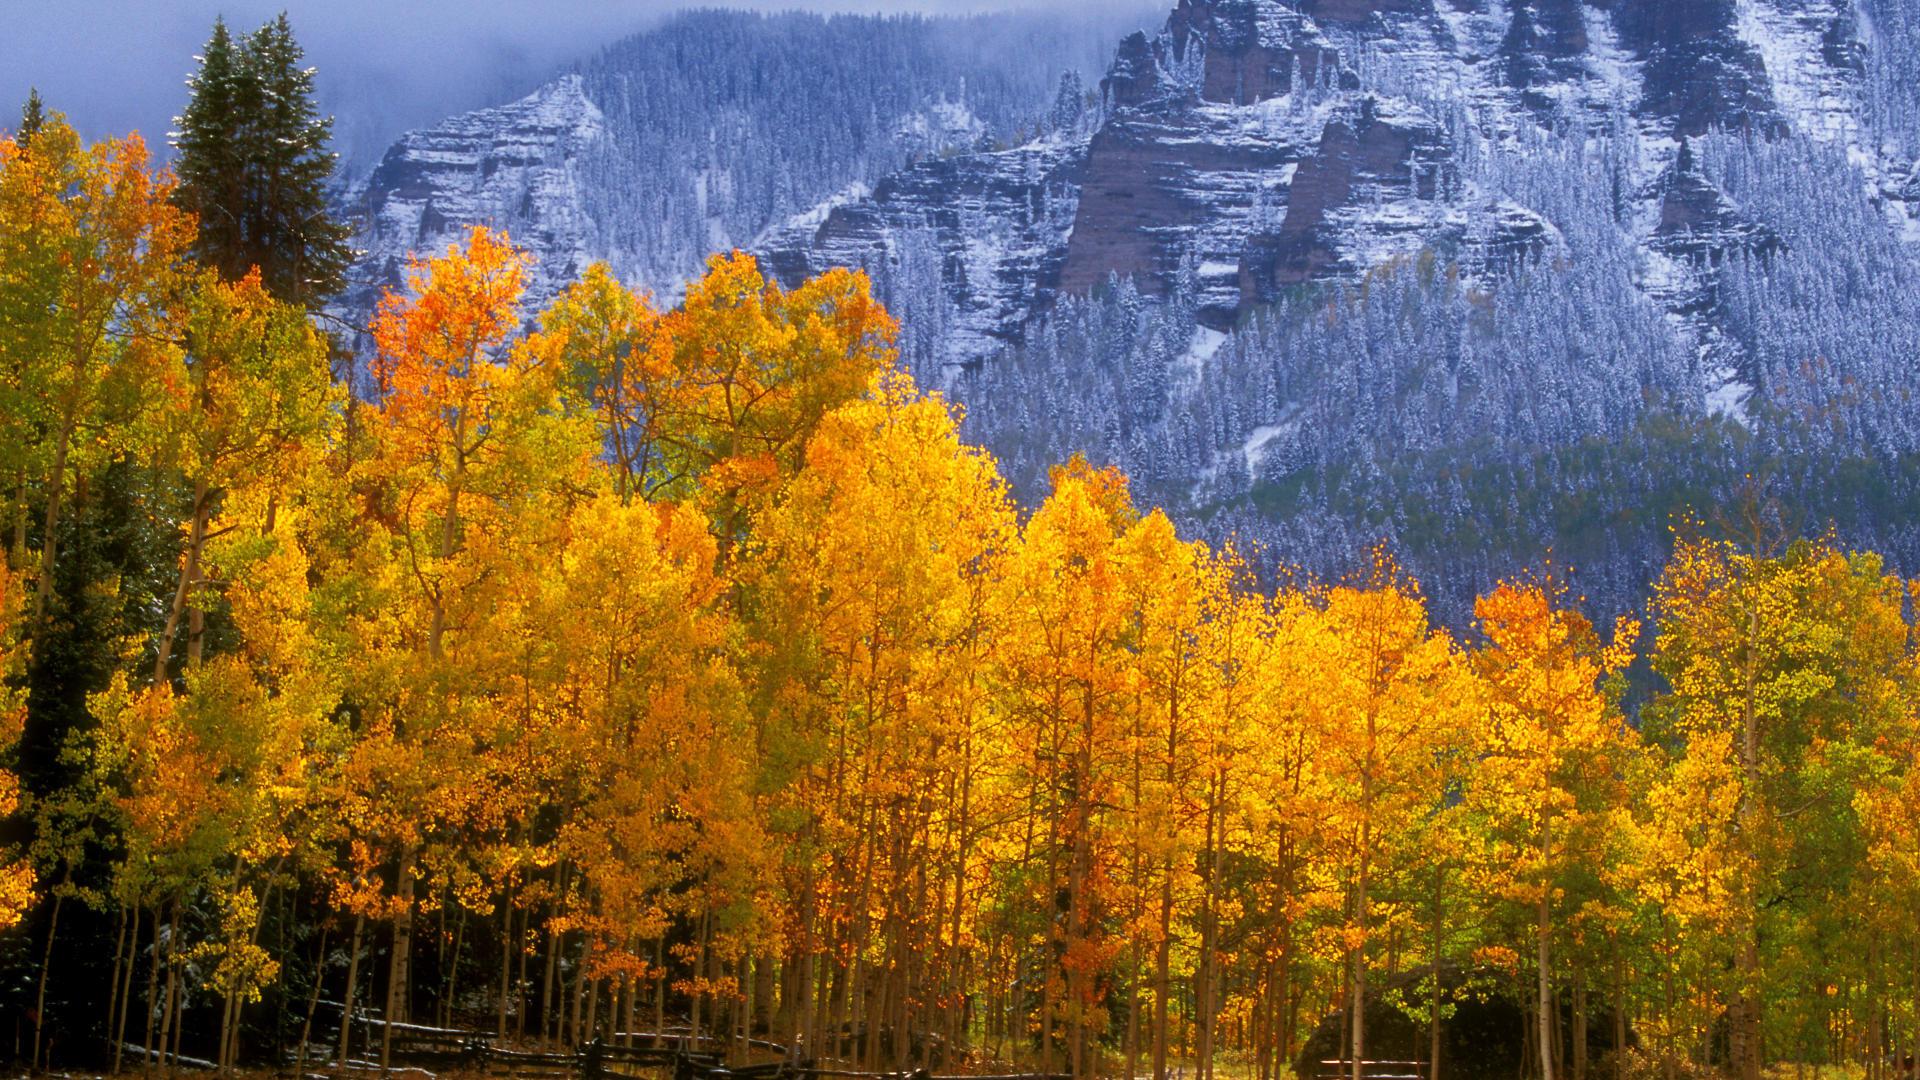 Colorado wallpaper hd desktop wallpapers 4k hd - Colorado desktop background ...